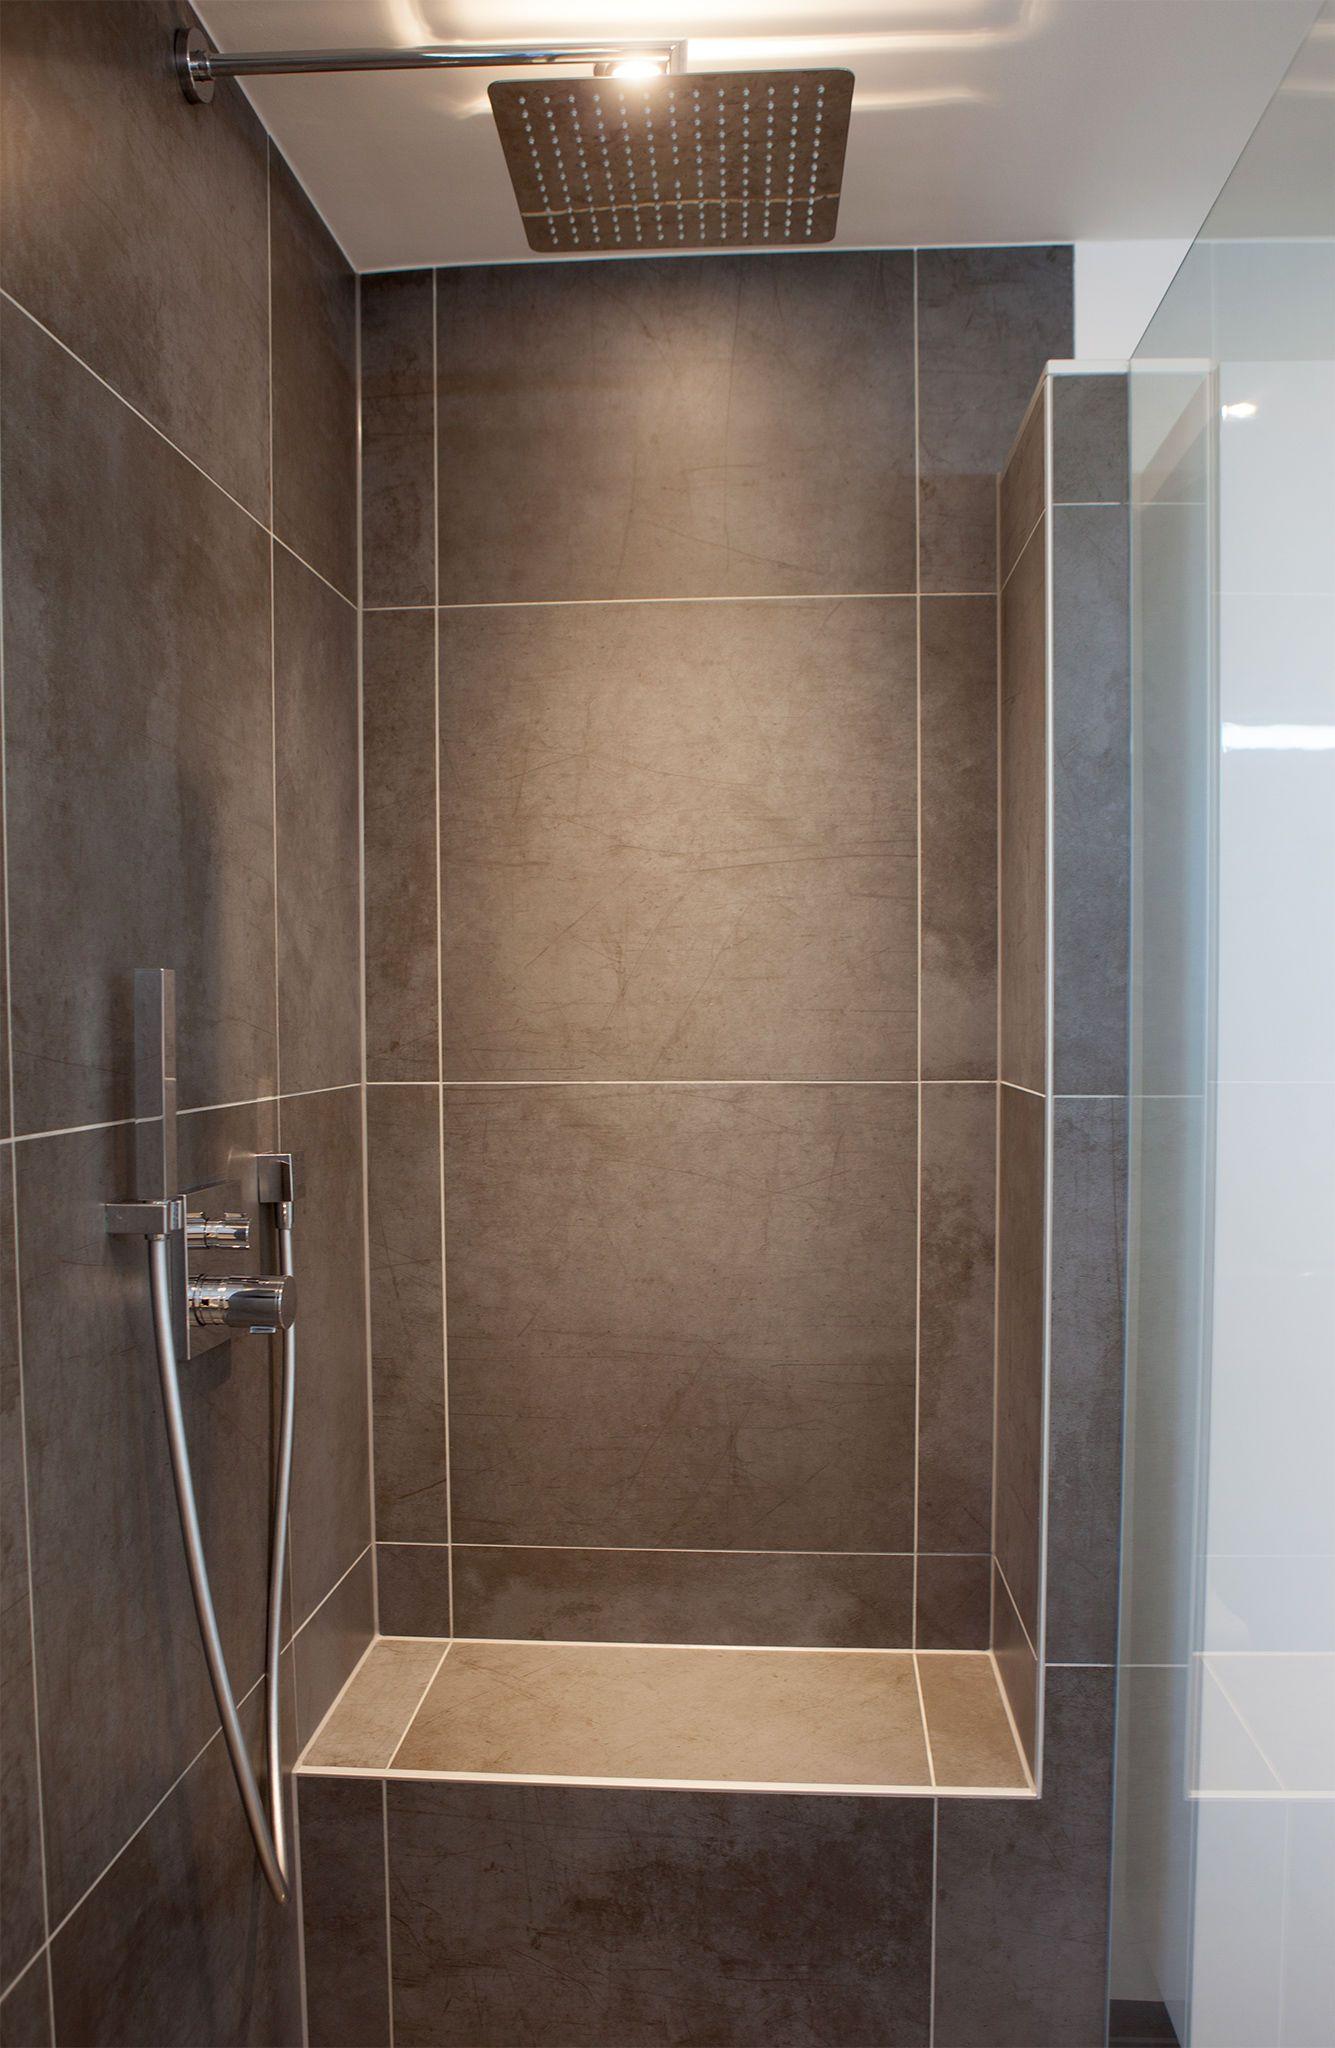 Full Size of Begehbare Dusche Badezimmer Fliesen Ebenerdig Walkin Eckeinstieg Walk In Wand 90x90 Rainshower Bodengleiche Duschen Unterputz Armatur Einbauen Siphon Ohne Tür Dusche Begehbare Dusche